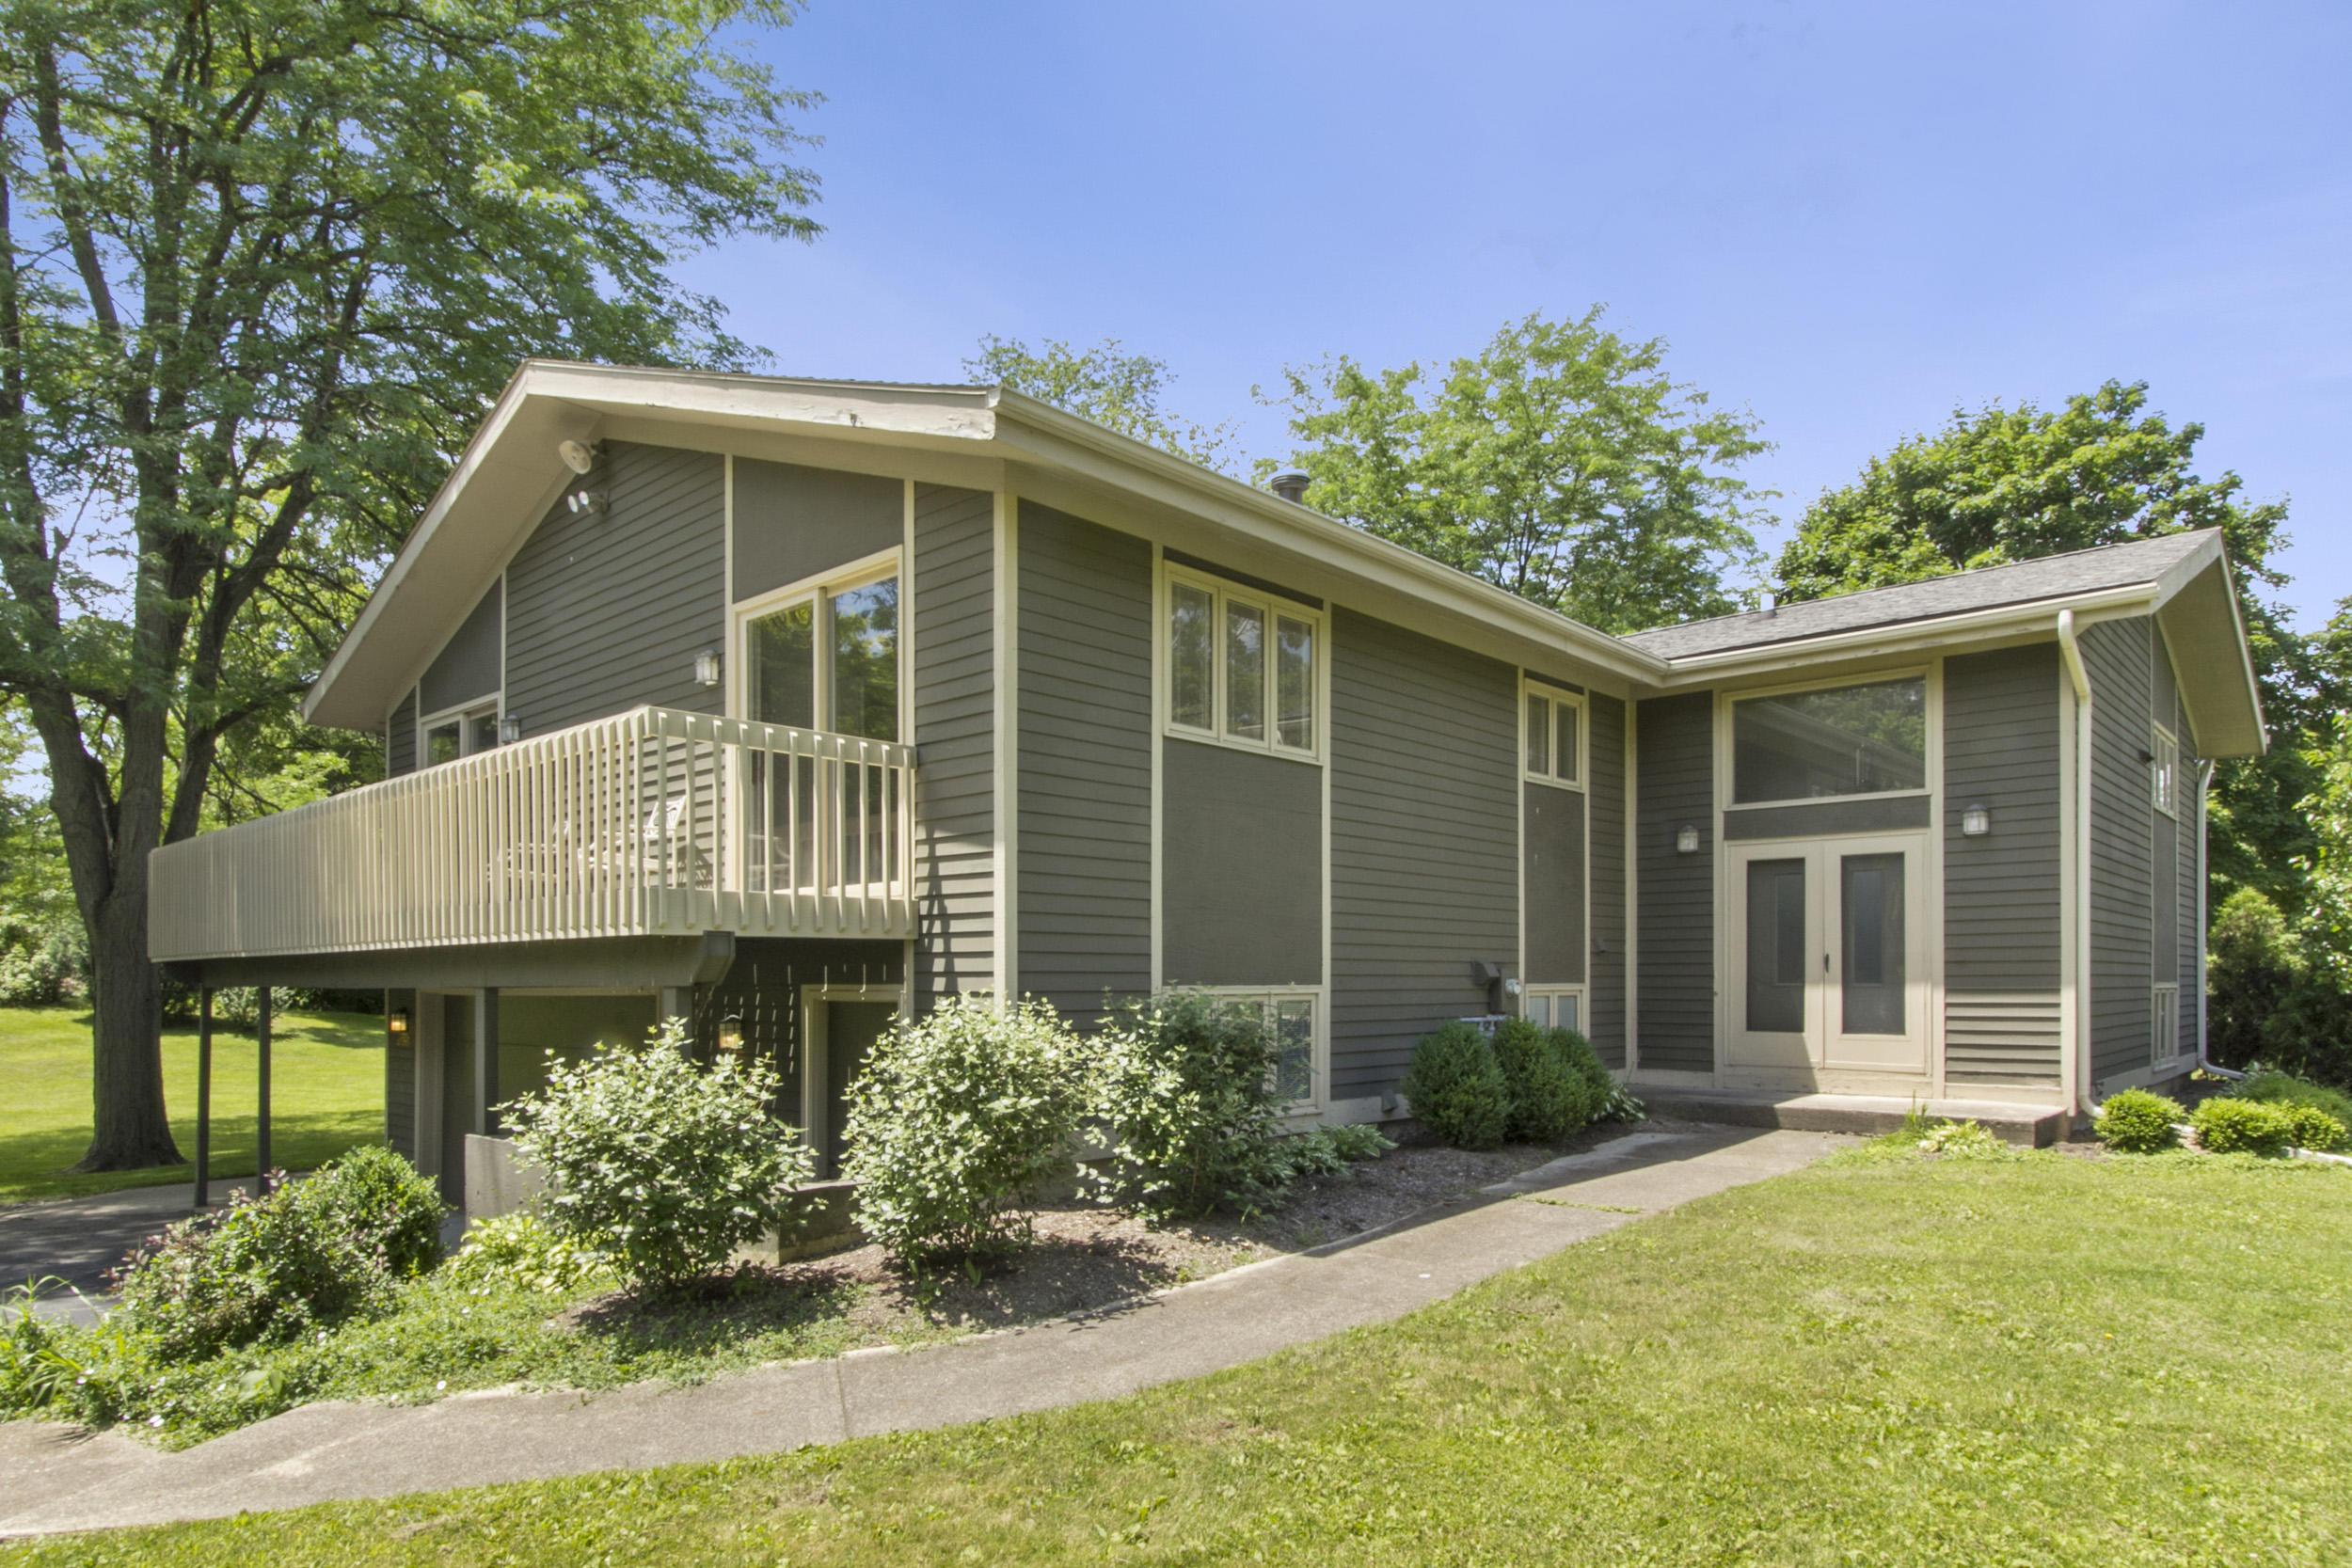 N2453 Ara Glen Dr, Linn, Wisconsin 53147, 5 Bedrooms Bedrooms, 9 Rooms Rooms,3 BathroomsBathrooms,Single-Family,For Sale,Ara Glen Dr,1571435